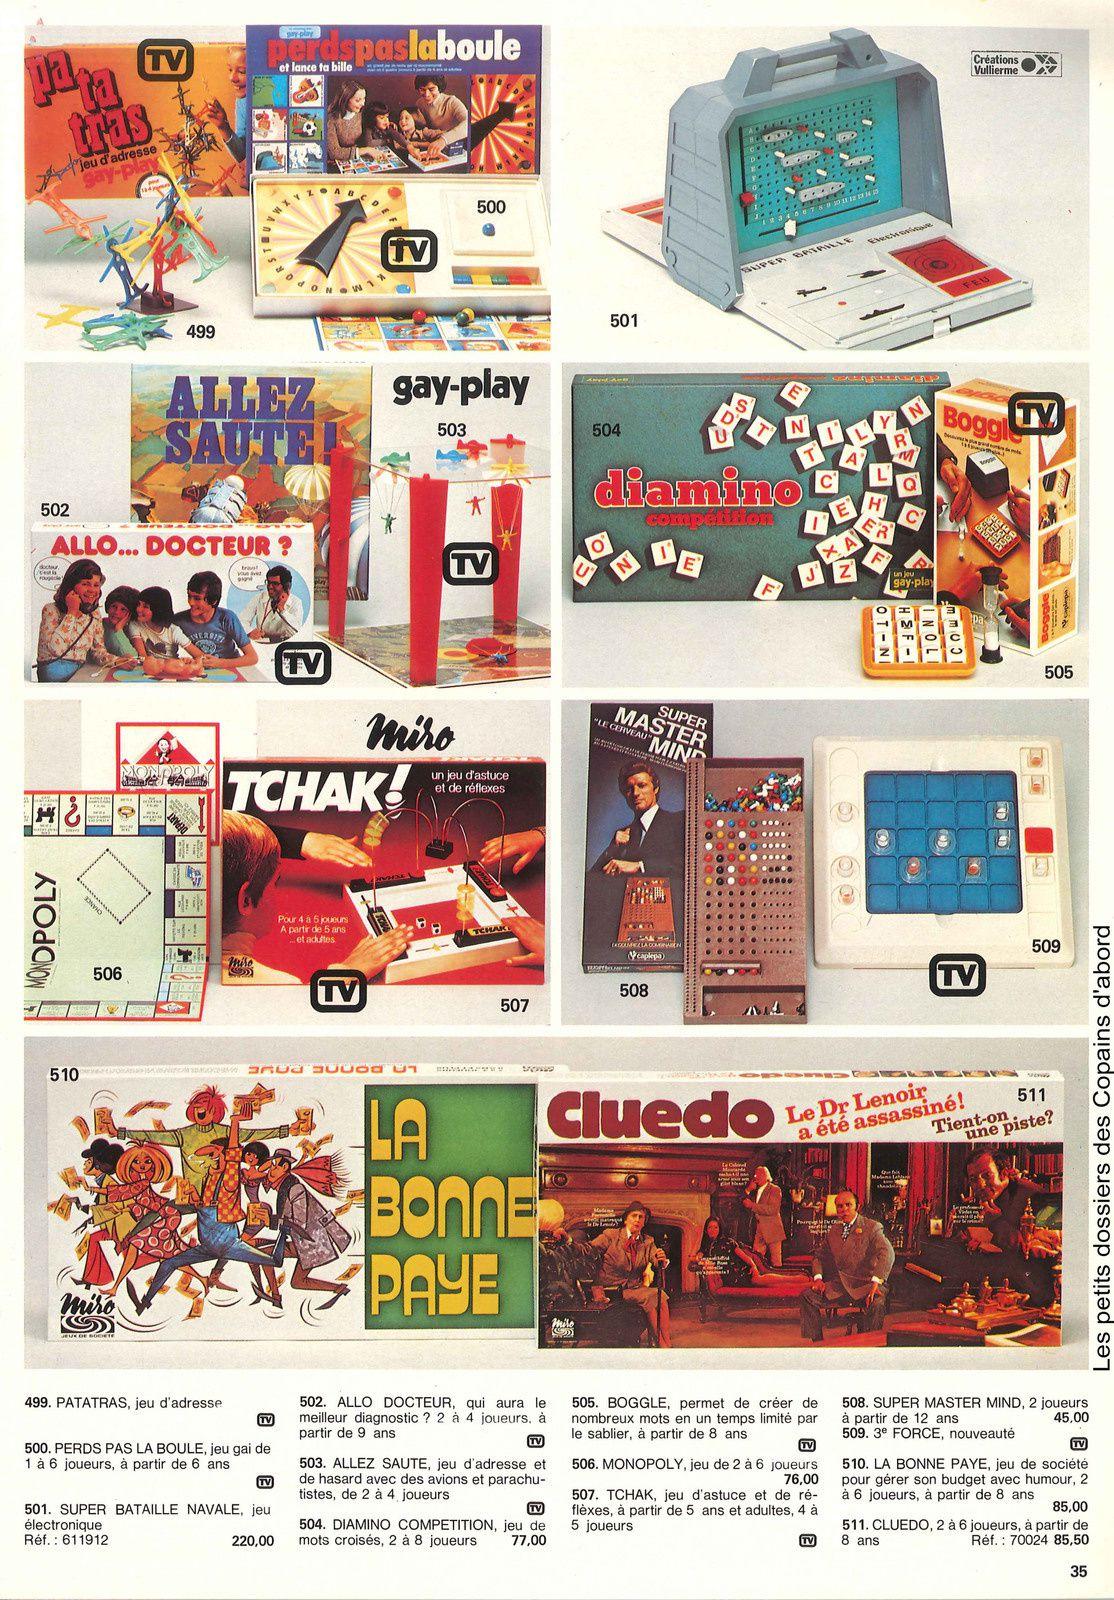 Le catalogue de jouets Axe de 1979 par Nath-Didile